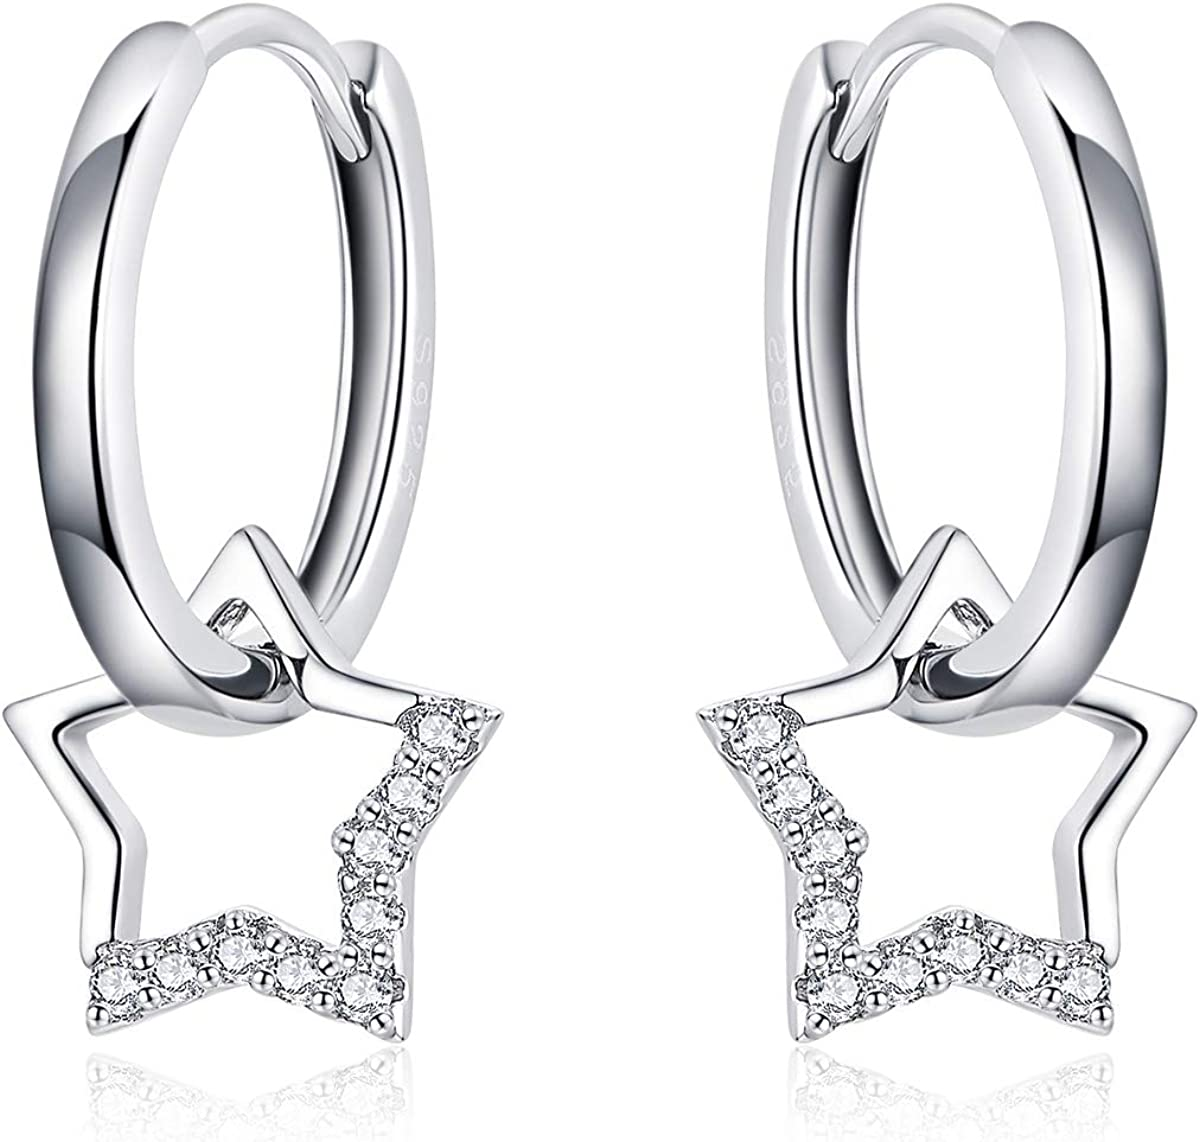 Pendientes de aro pequeños con diseño de estrella de plata con colgante para mujer, ideal como regalo de cumpleaños para el día de la madre